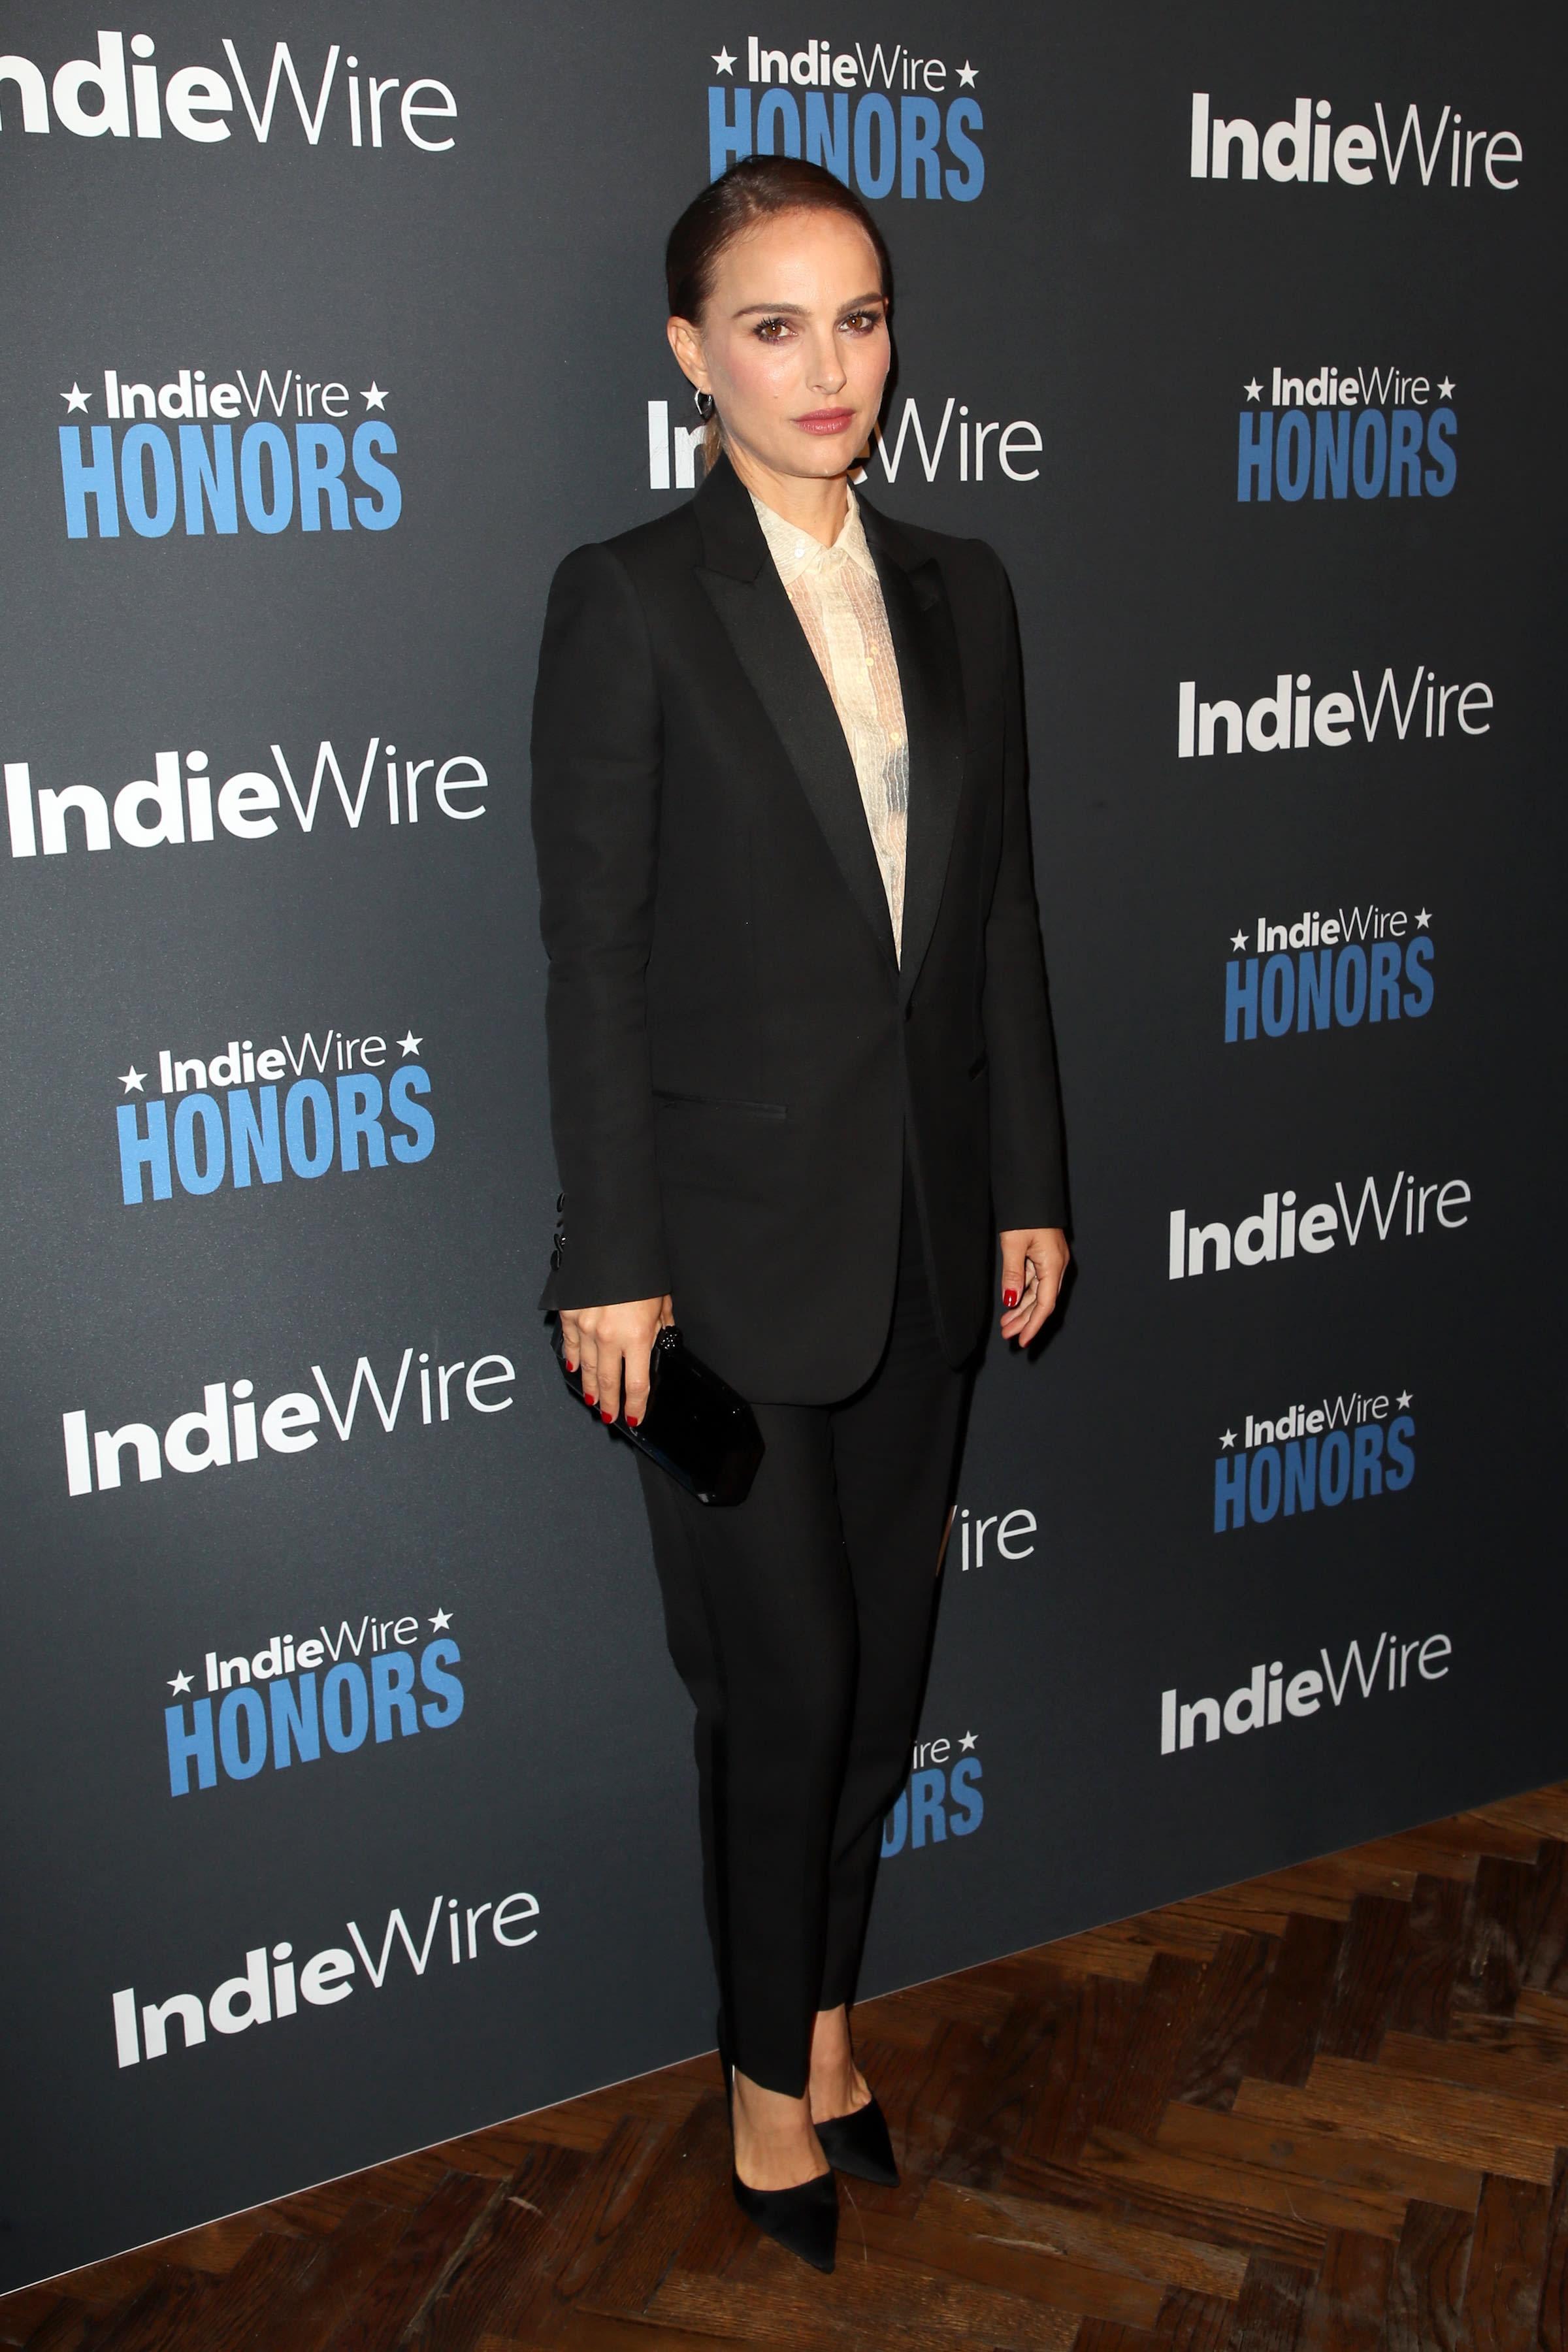 0ac7b4788657 女優やモデル、映画監督として活動するナタリー・ポートマン(Natalie Portman)が、エディ・スリマン(Hedi  Slimane)が手掛けた「セリーヌ(CELINE)」の2019年春夏 ...